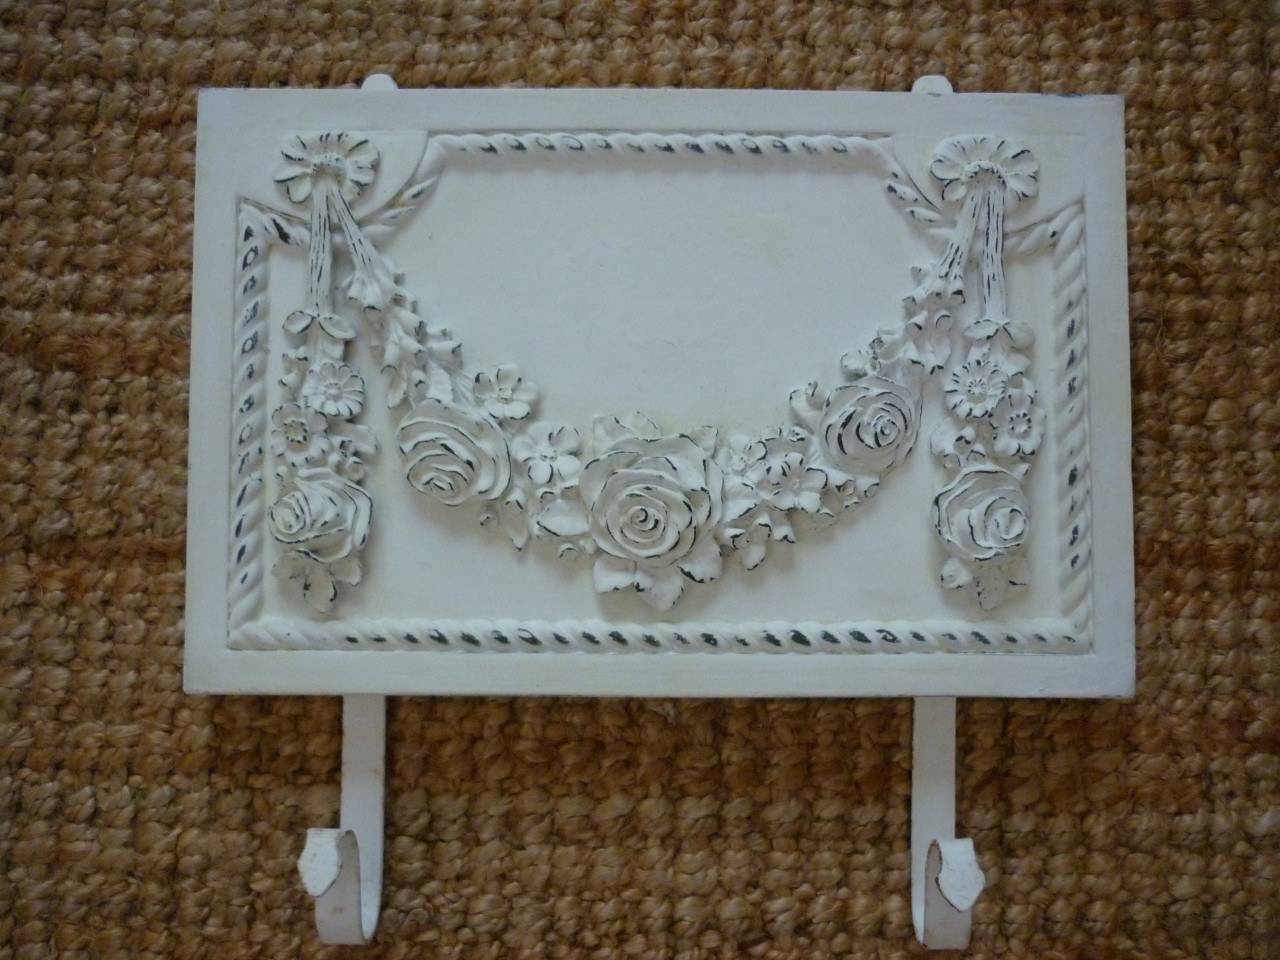 shabby n chic french provincial vintage furniture applique large rose wreath ebay. Black Bedroom Furniture Sets. Home Design Ideas